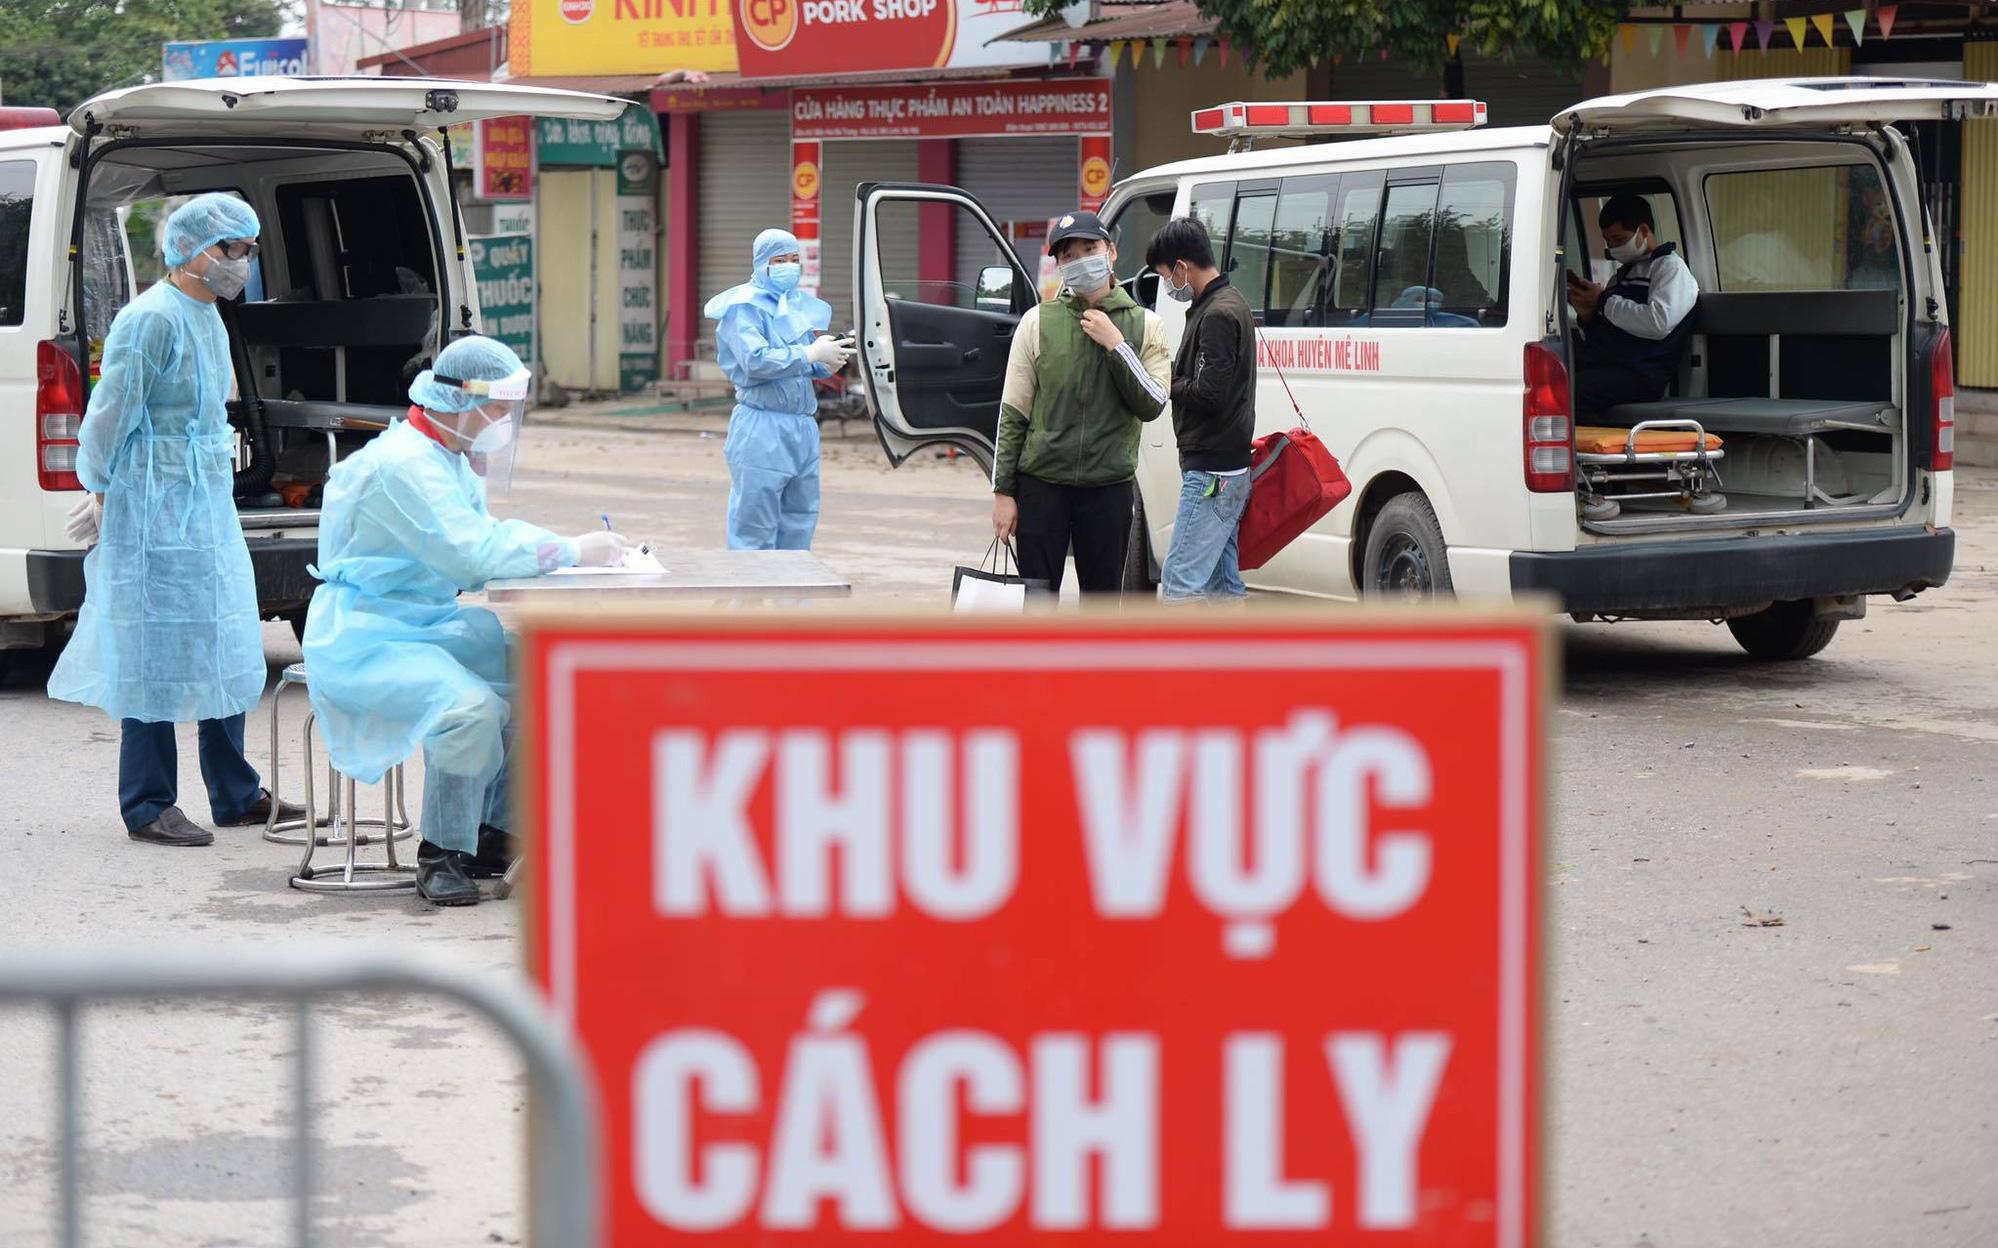 Diễn biến dịch ngày 16/4: Việt Nam ghi nhận 268 người mắc Covid-19, 3 bệnh nhân nặng phải thở máy, lọc máu